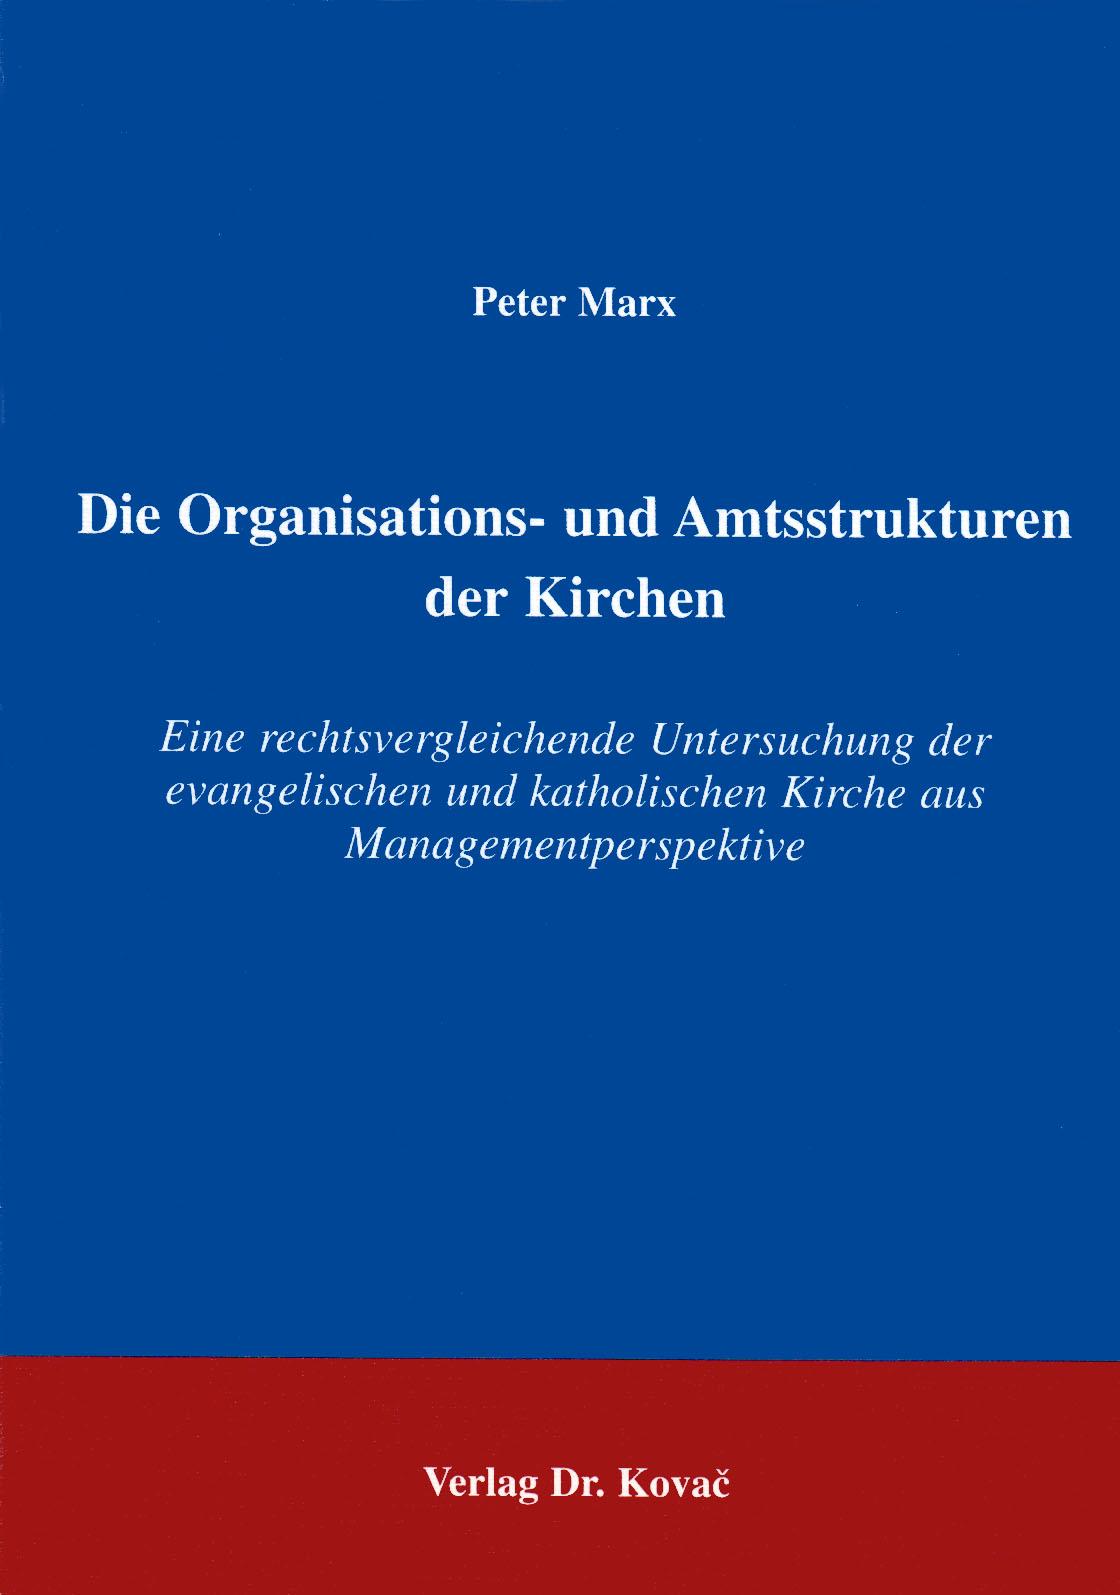 Cover: Die Organisations- und Amtsstrukturen der Kirchen